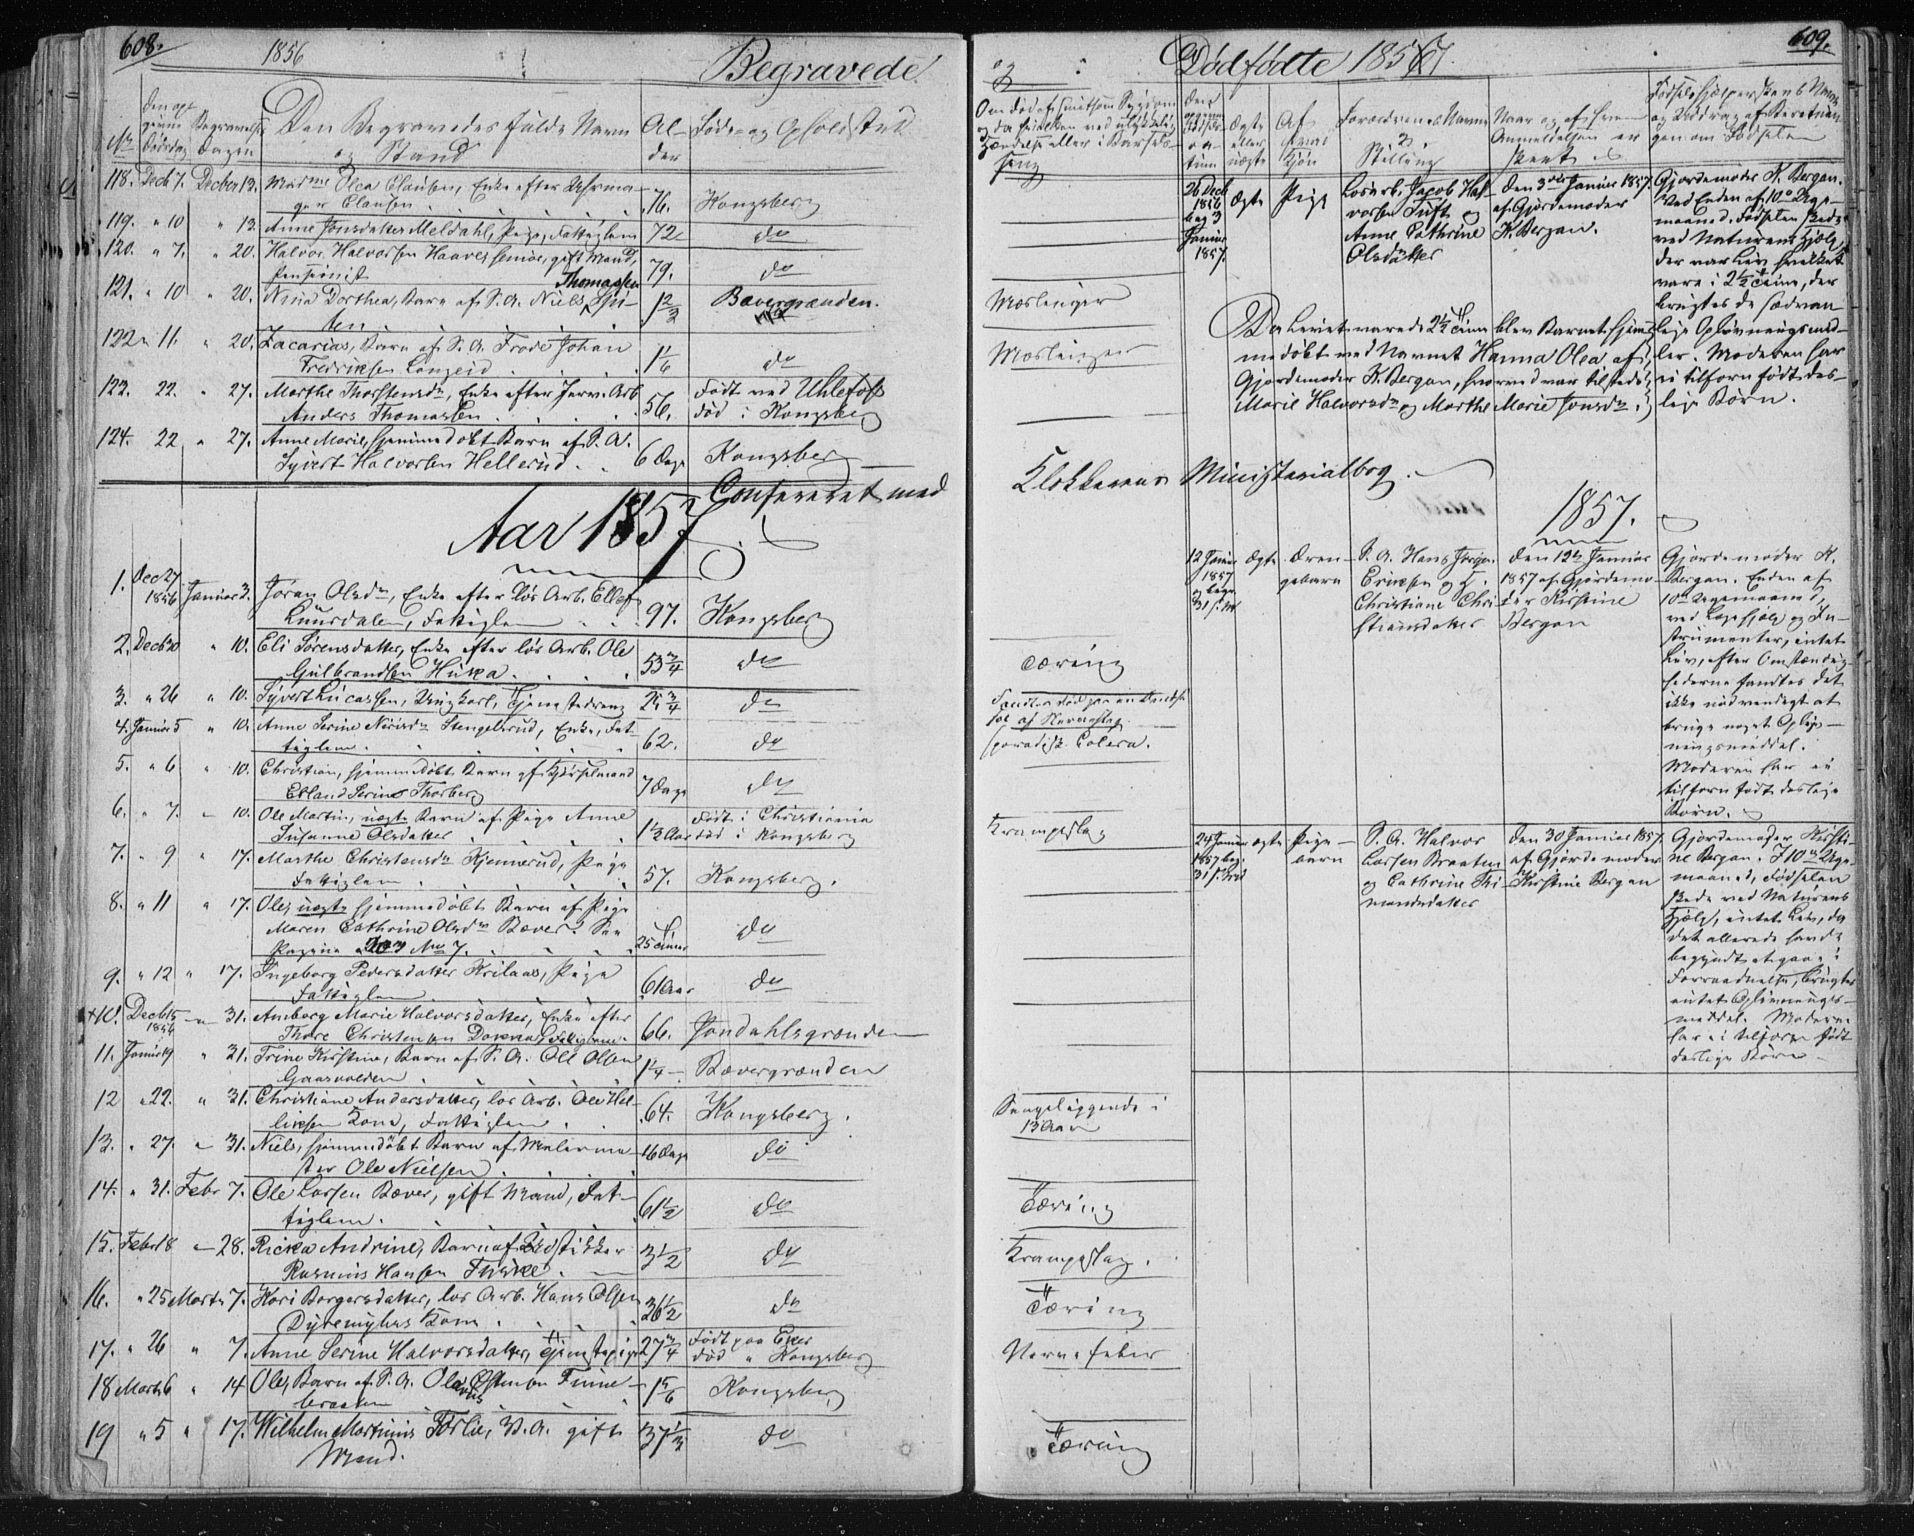 SAKO, Kongsberg kirkebøker, F/Fa/L0009: Ministerialbok nr. I 9, 1839-1858, s. 608-609